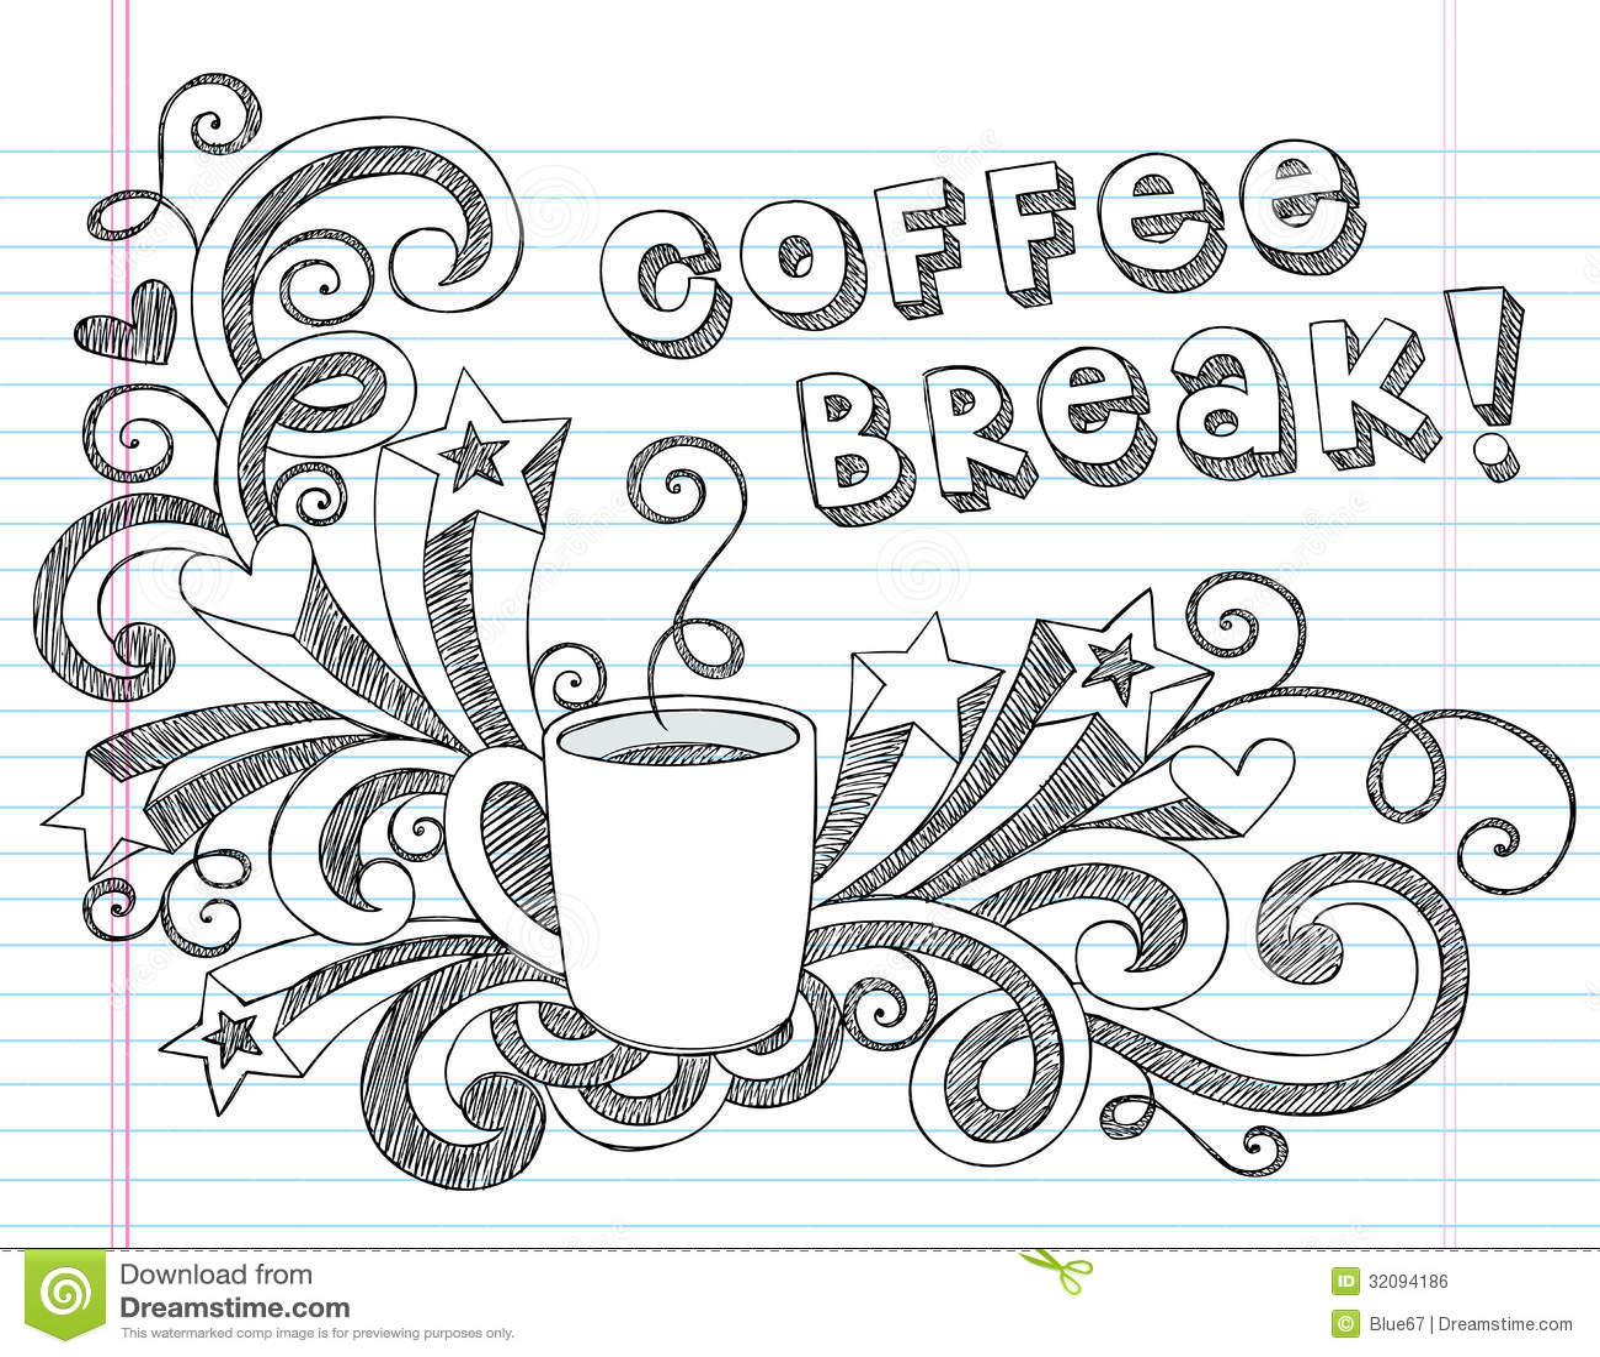 ... Illustration Design Elements on Lined Sketchbook Paper Background